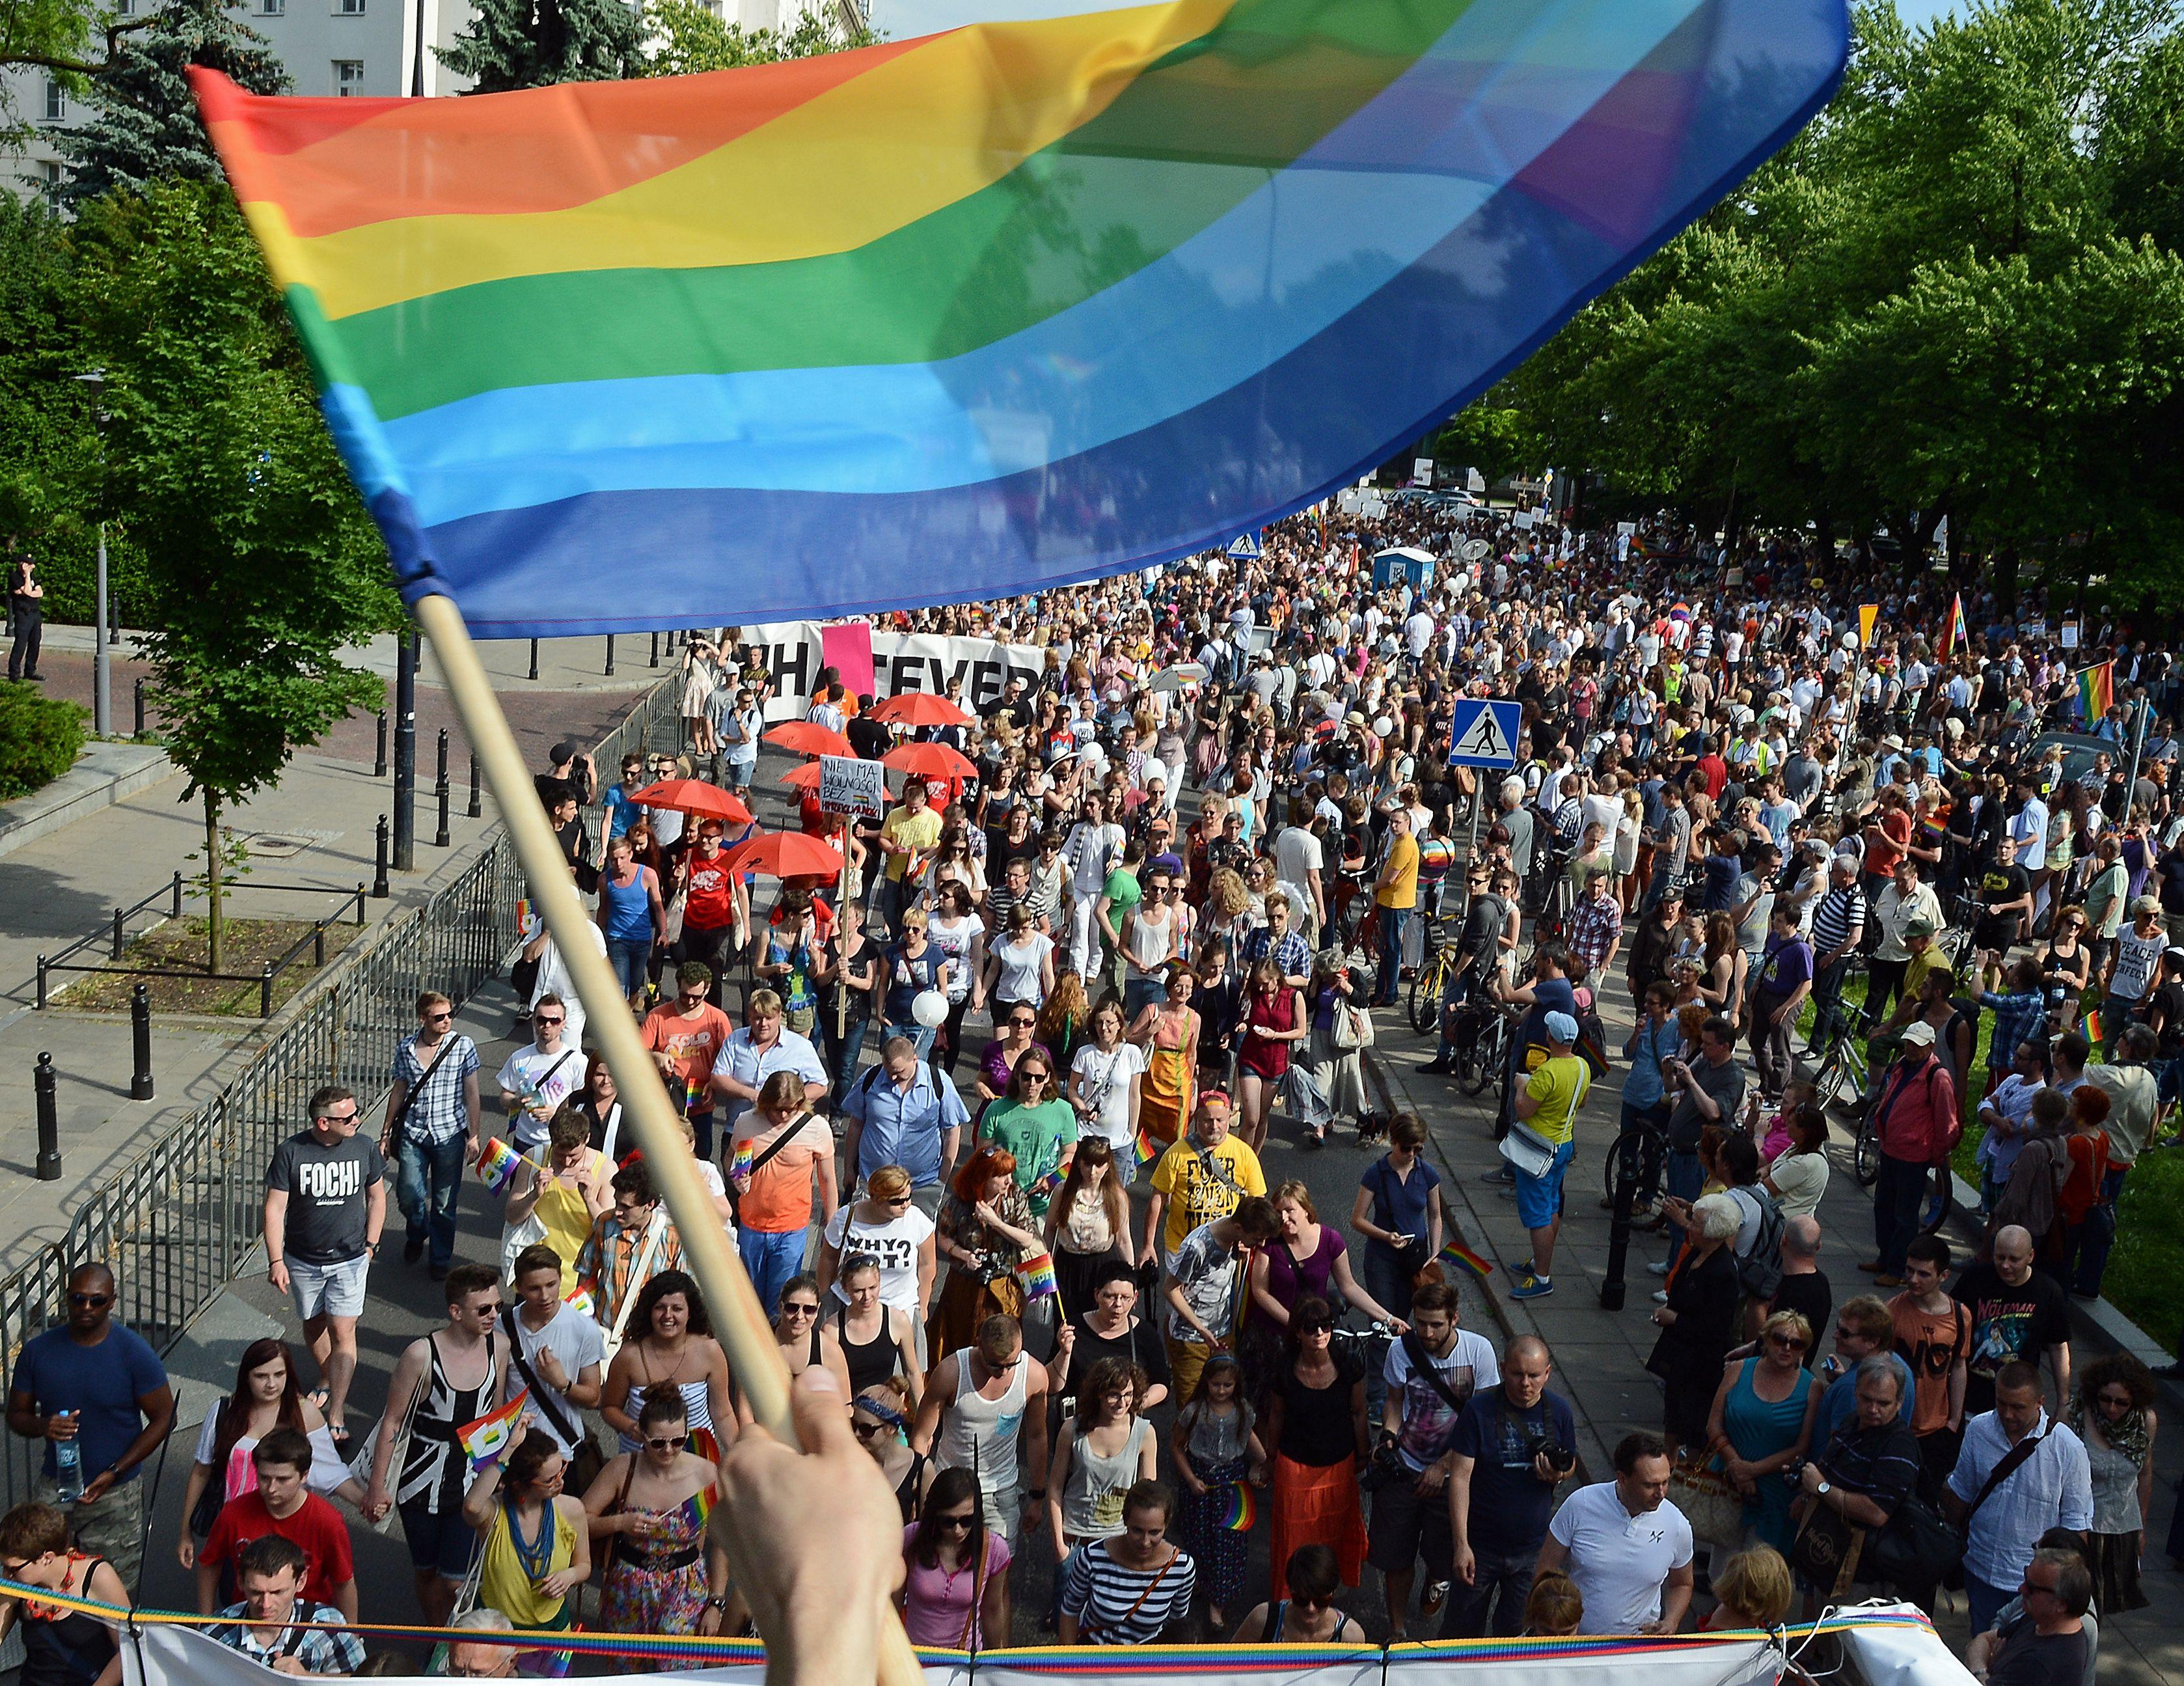 Warsaw gay pride photos